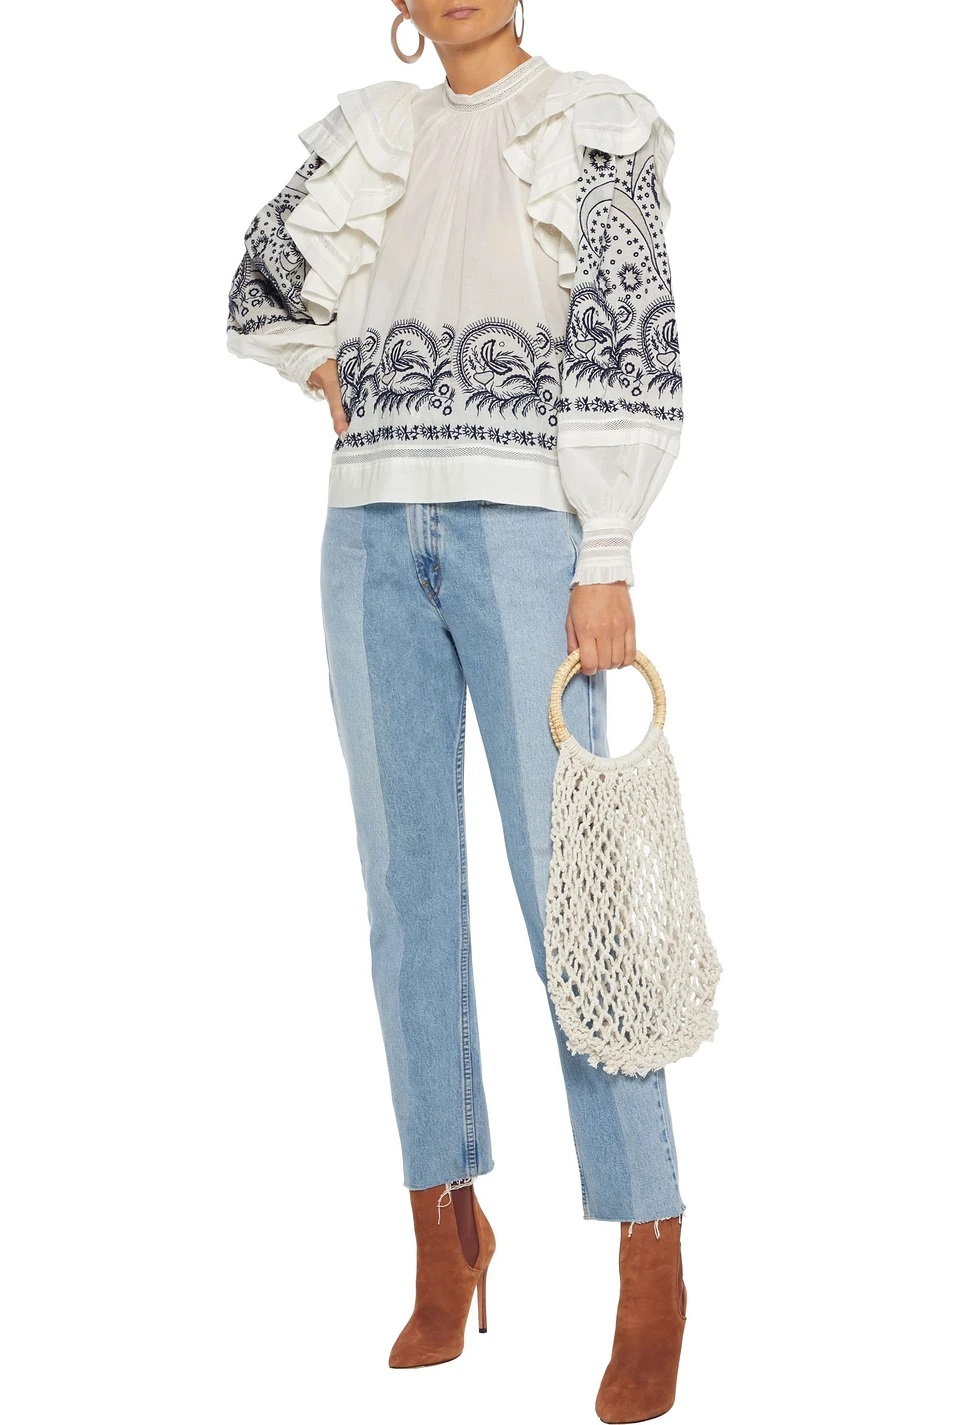 Purchase of Ulla Johnson 20 autumn / winter Bohemian embroidered lotus sleeve shirt ANNETTA